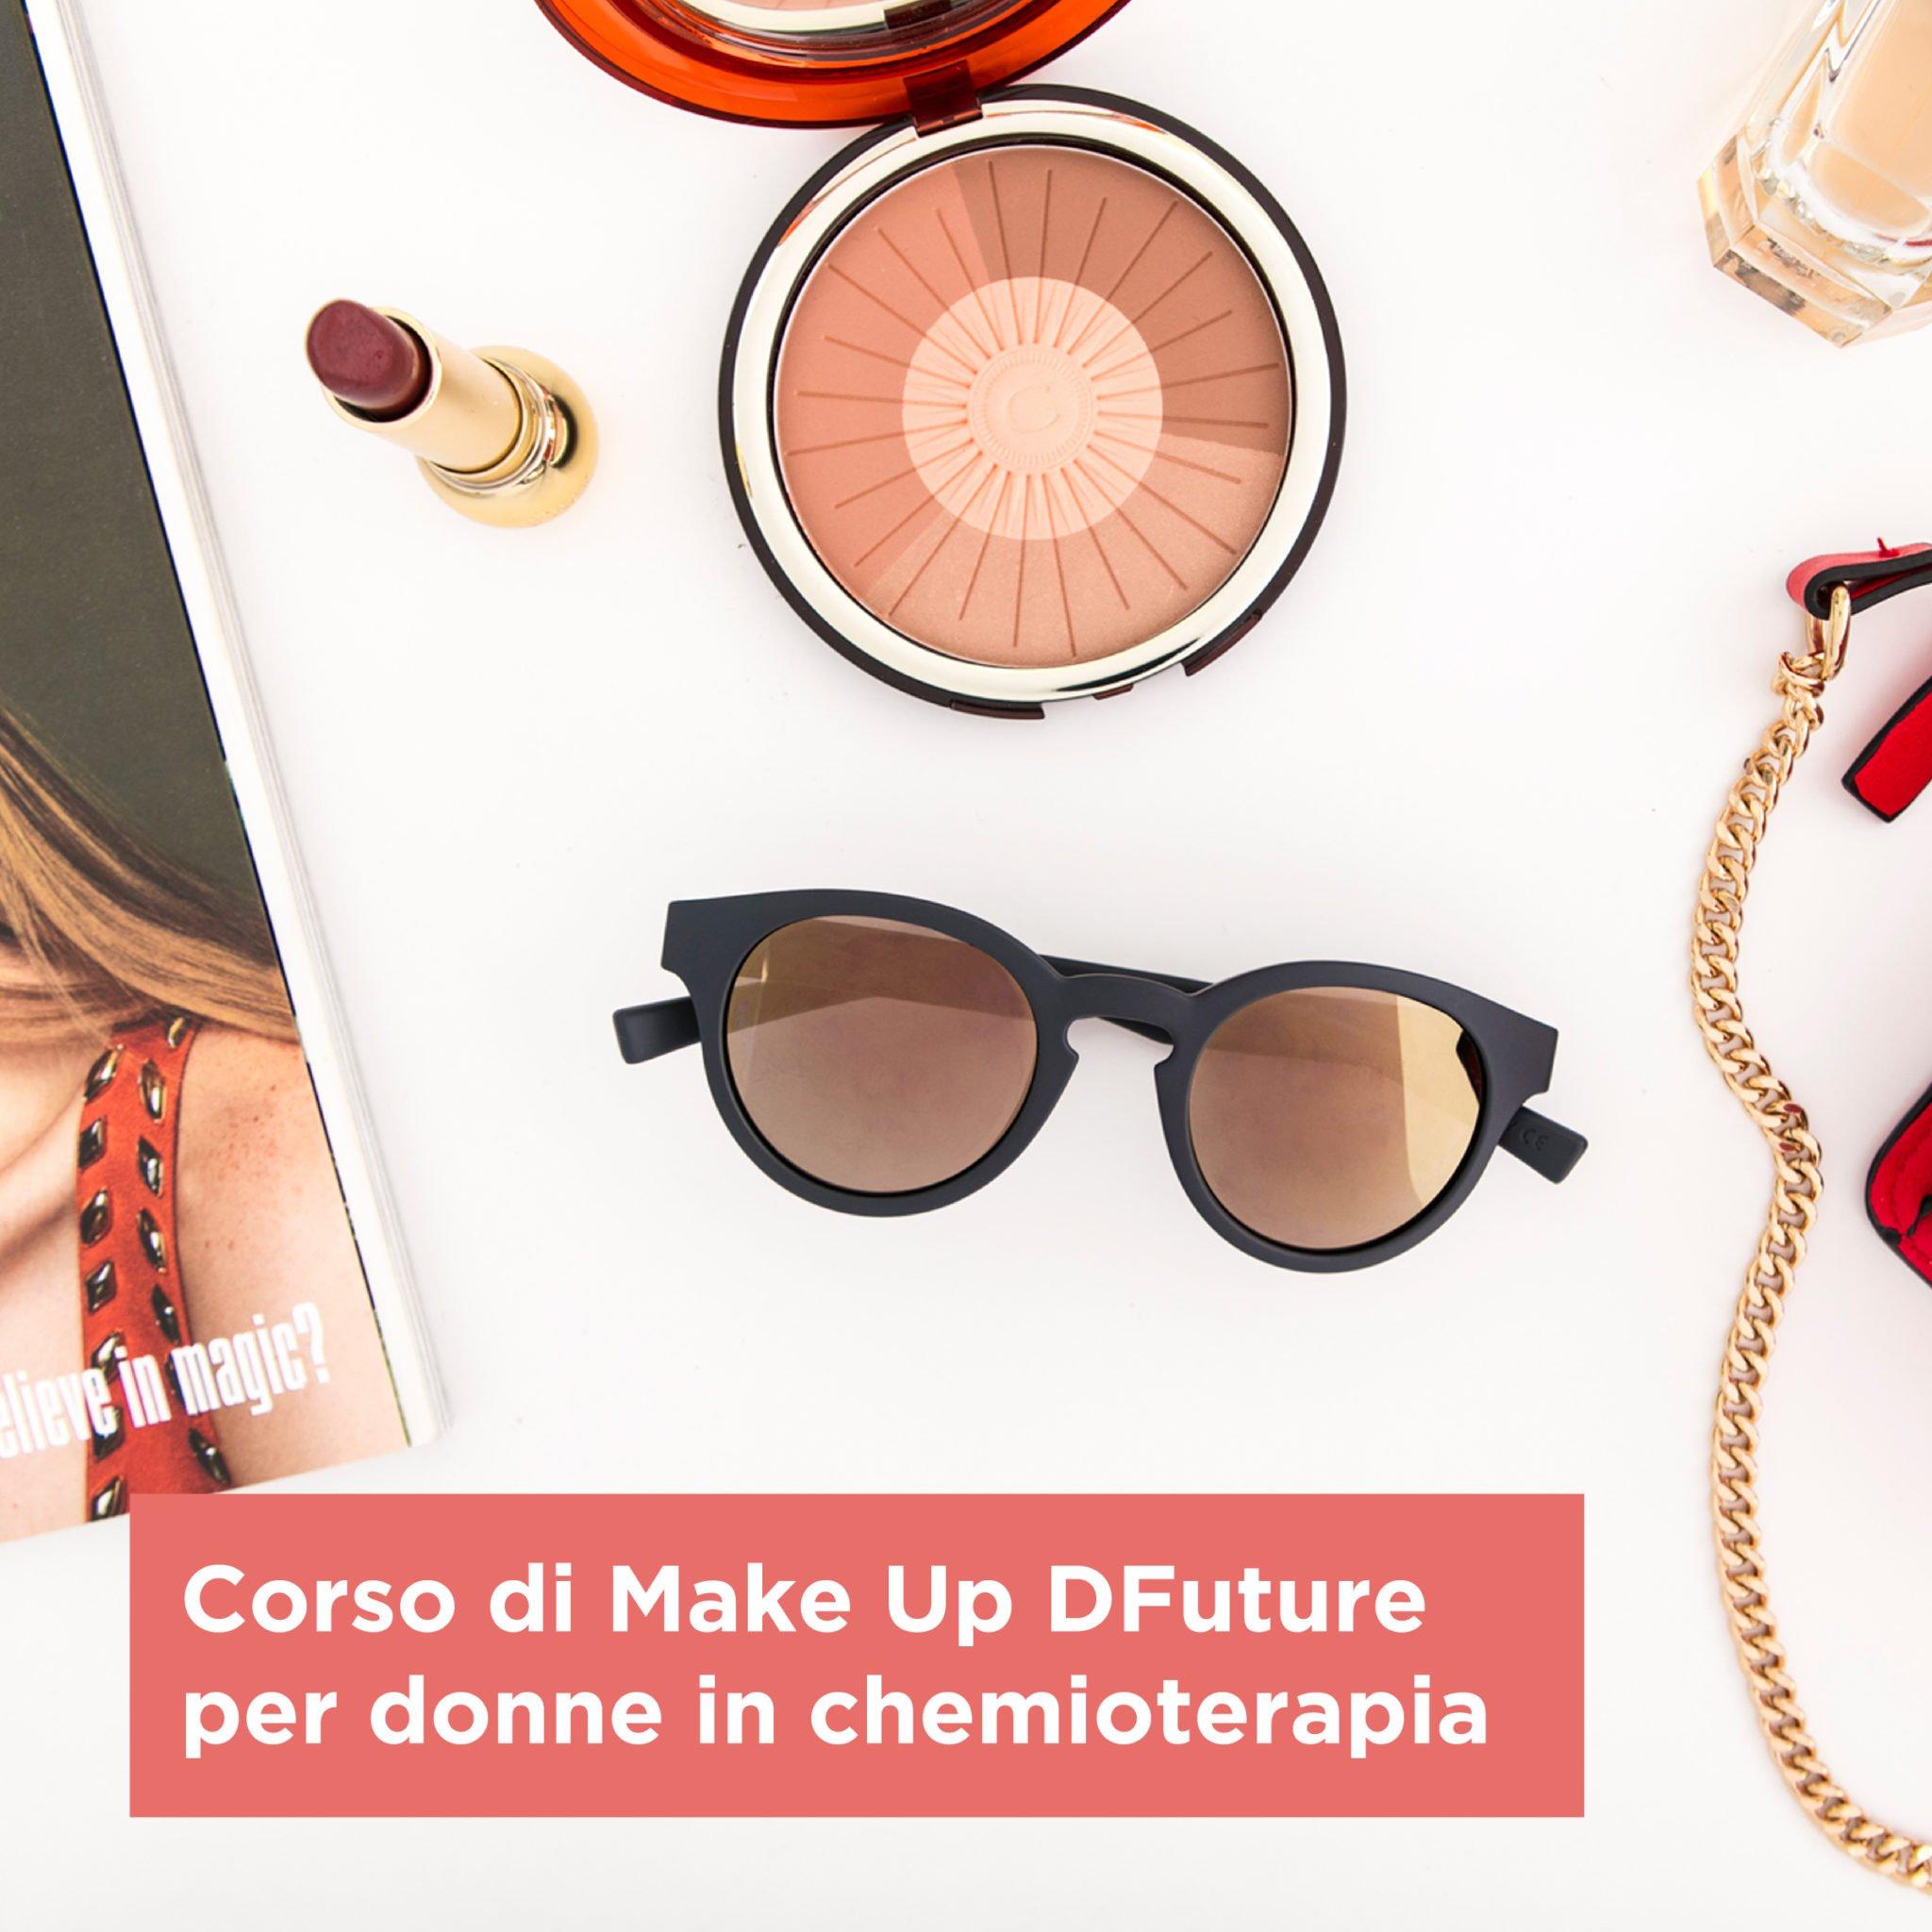 Corso Make Up D-Future per le pazienti in chemioterapia